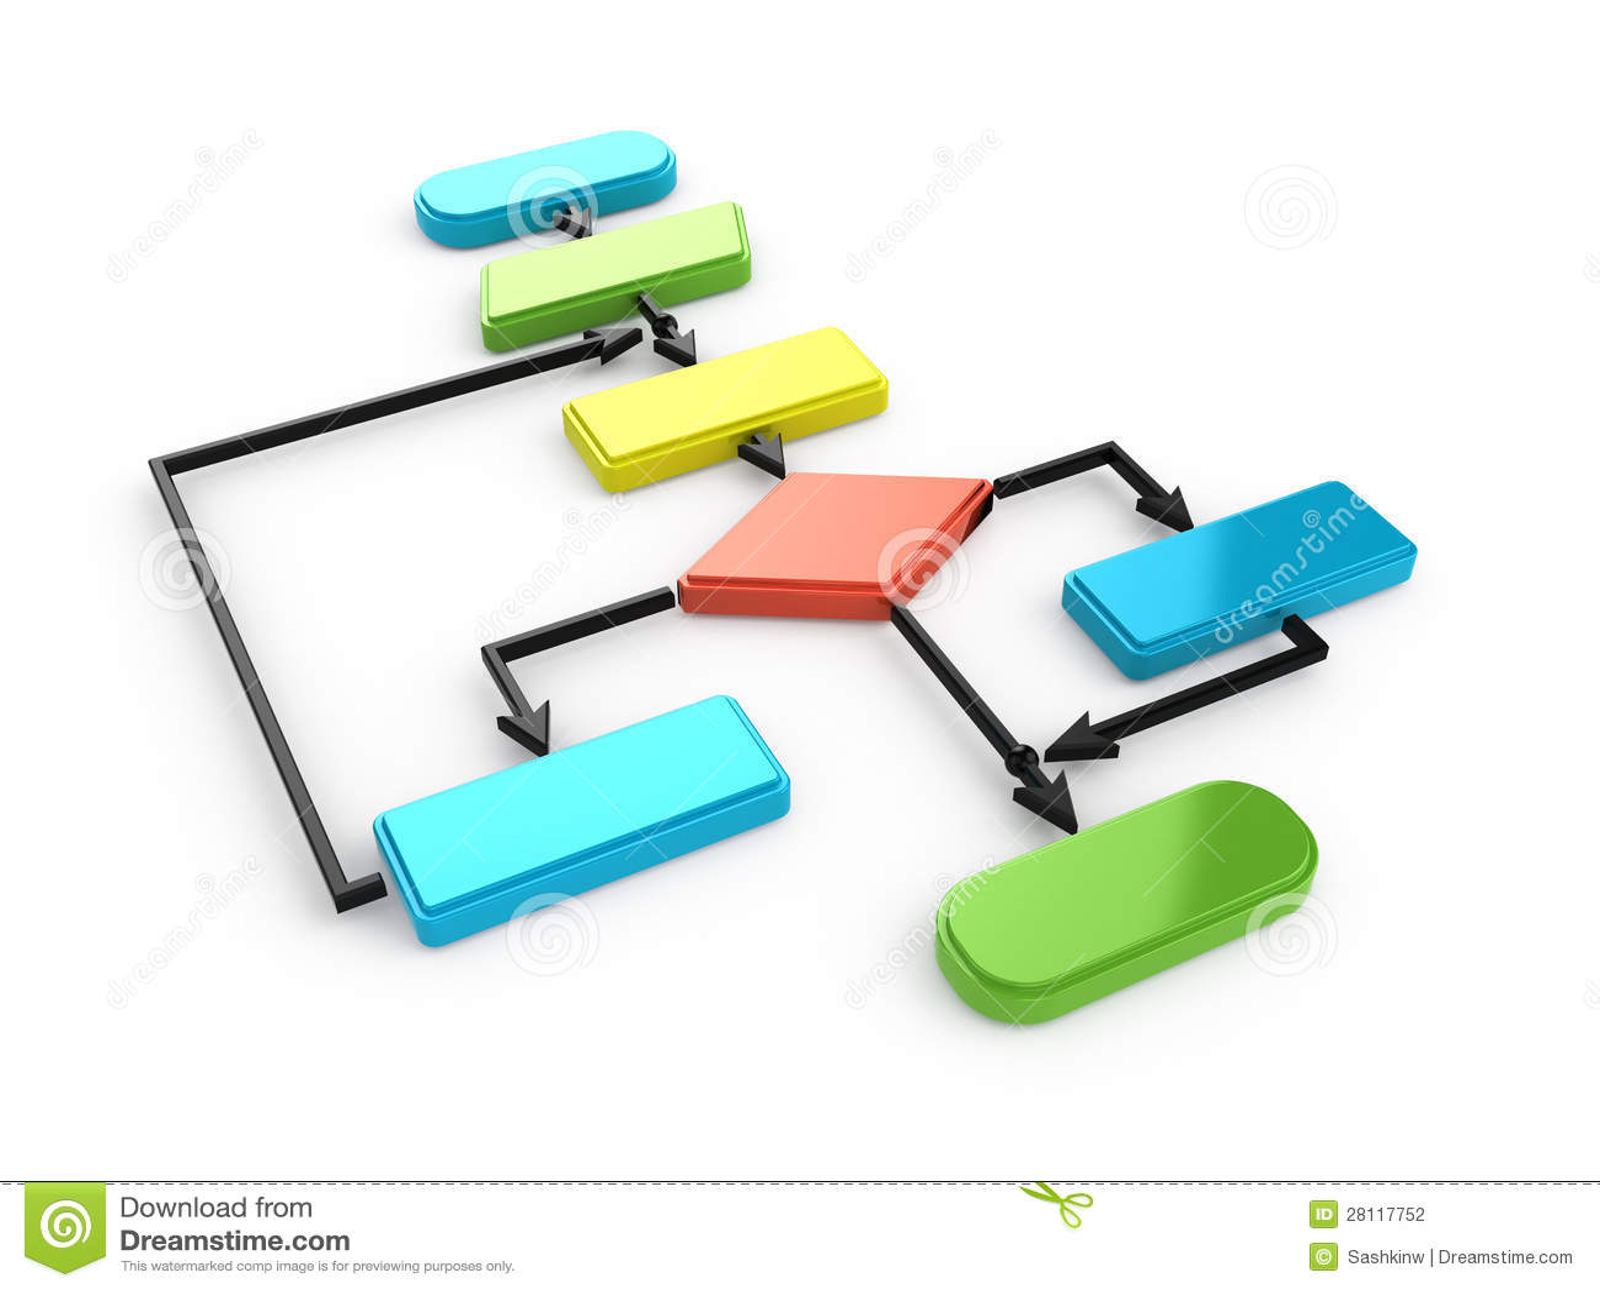 Langkah - langkah Membuat Sebuah Flowchart